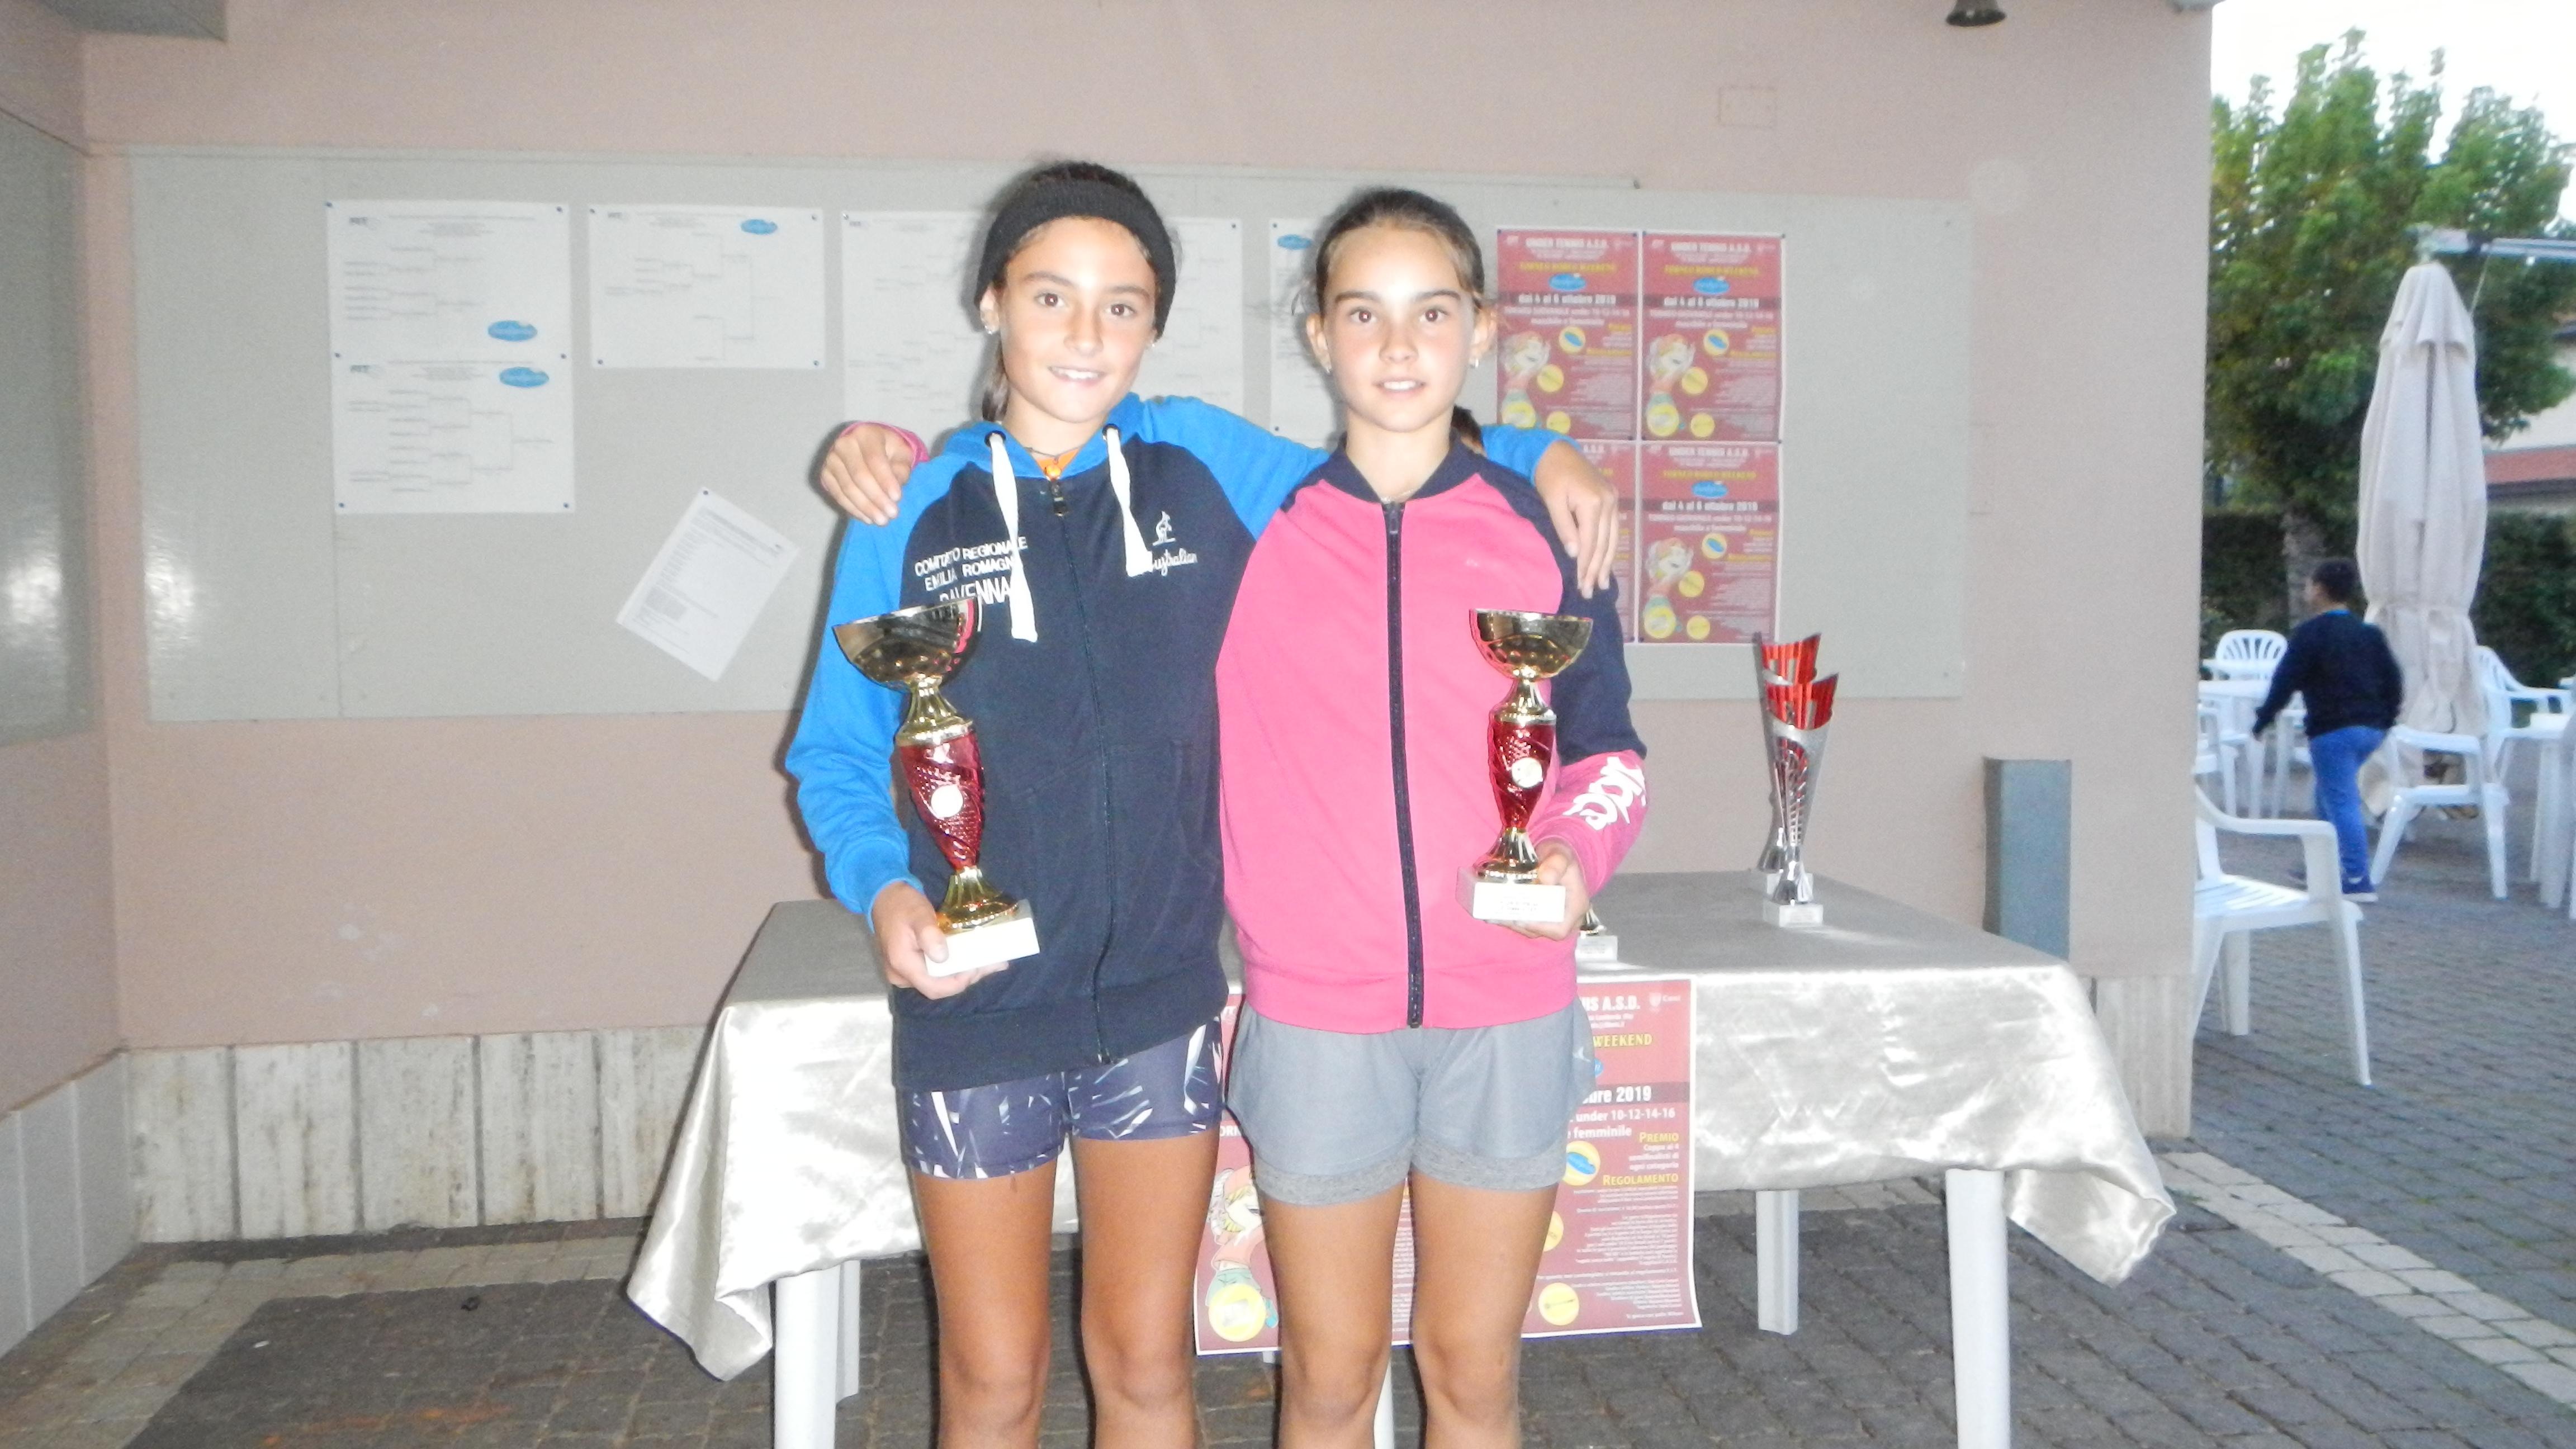 Torneo giovanile Under Tennis Massa Lombarda: Ambra Tommasi e Sofia Cilibic